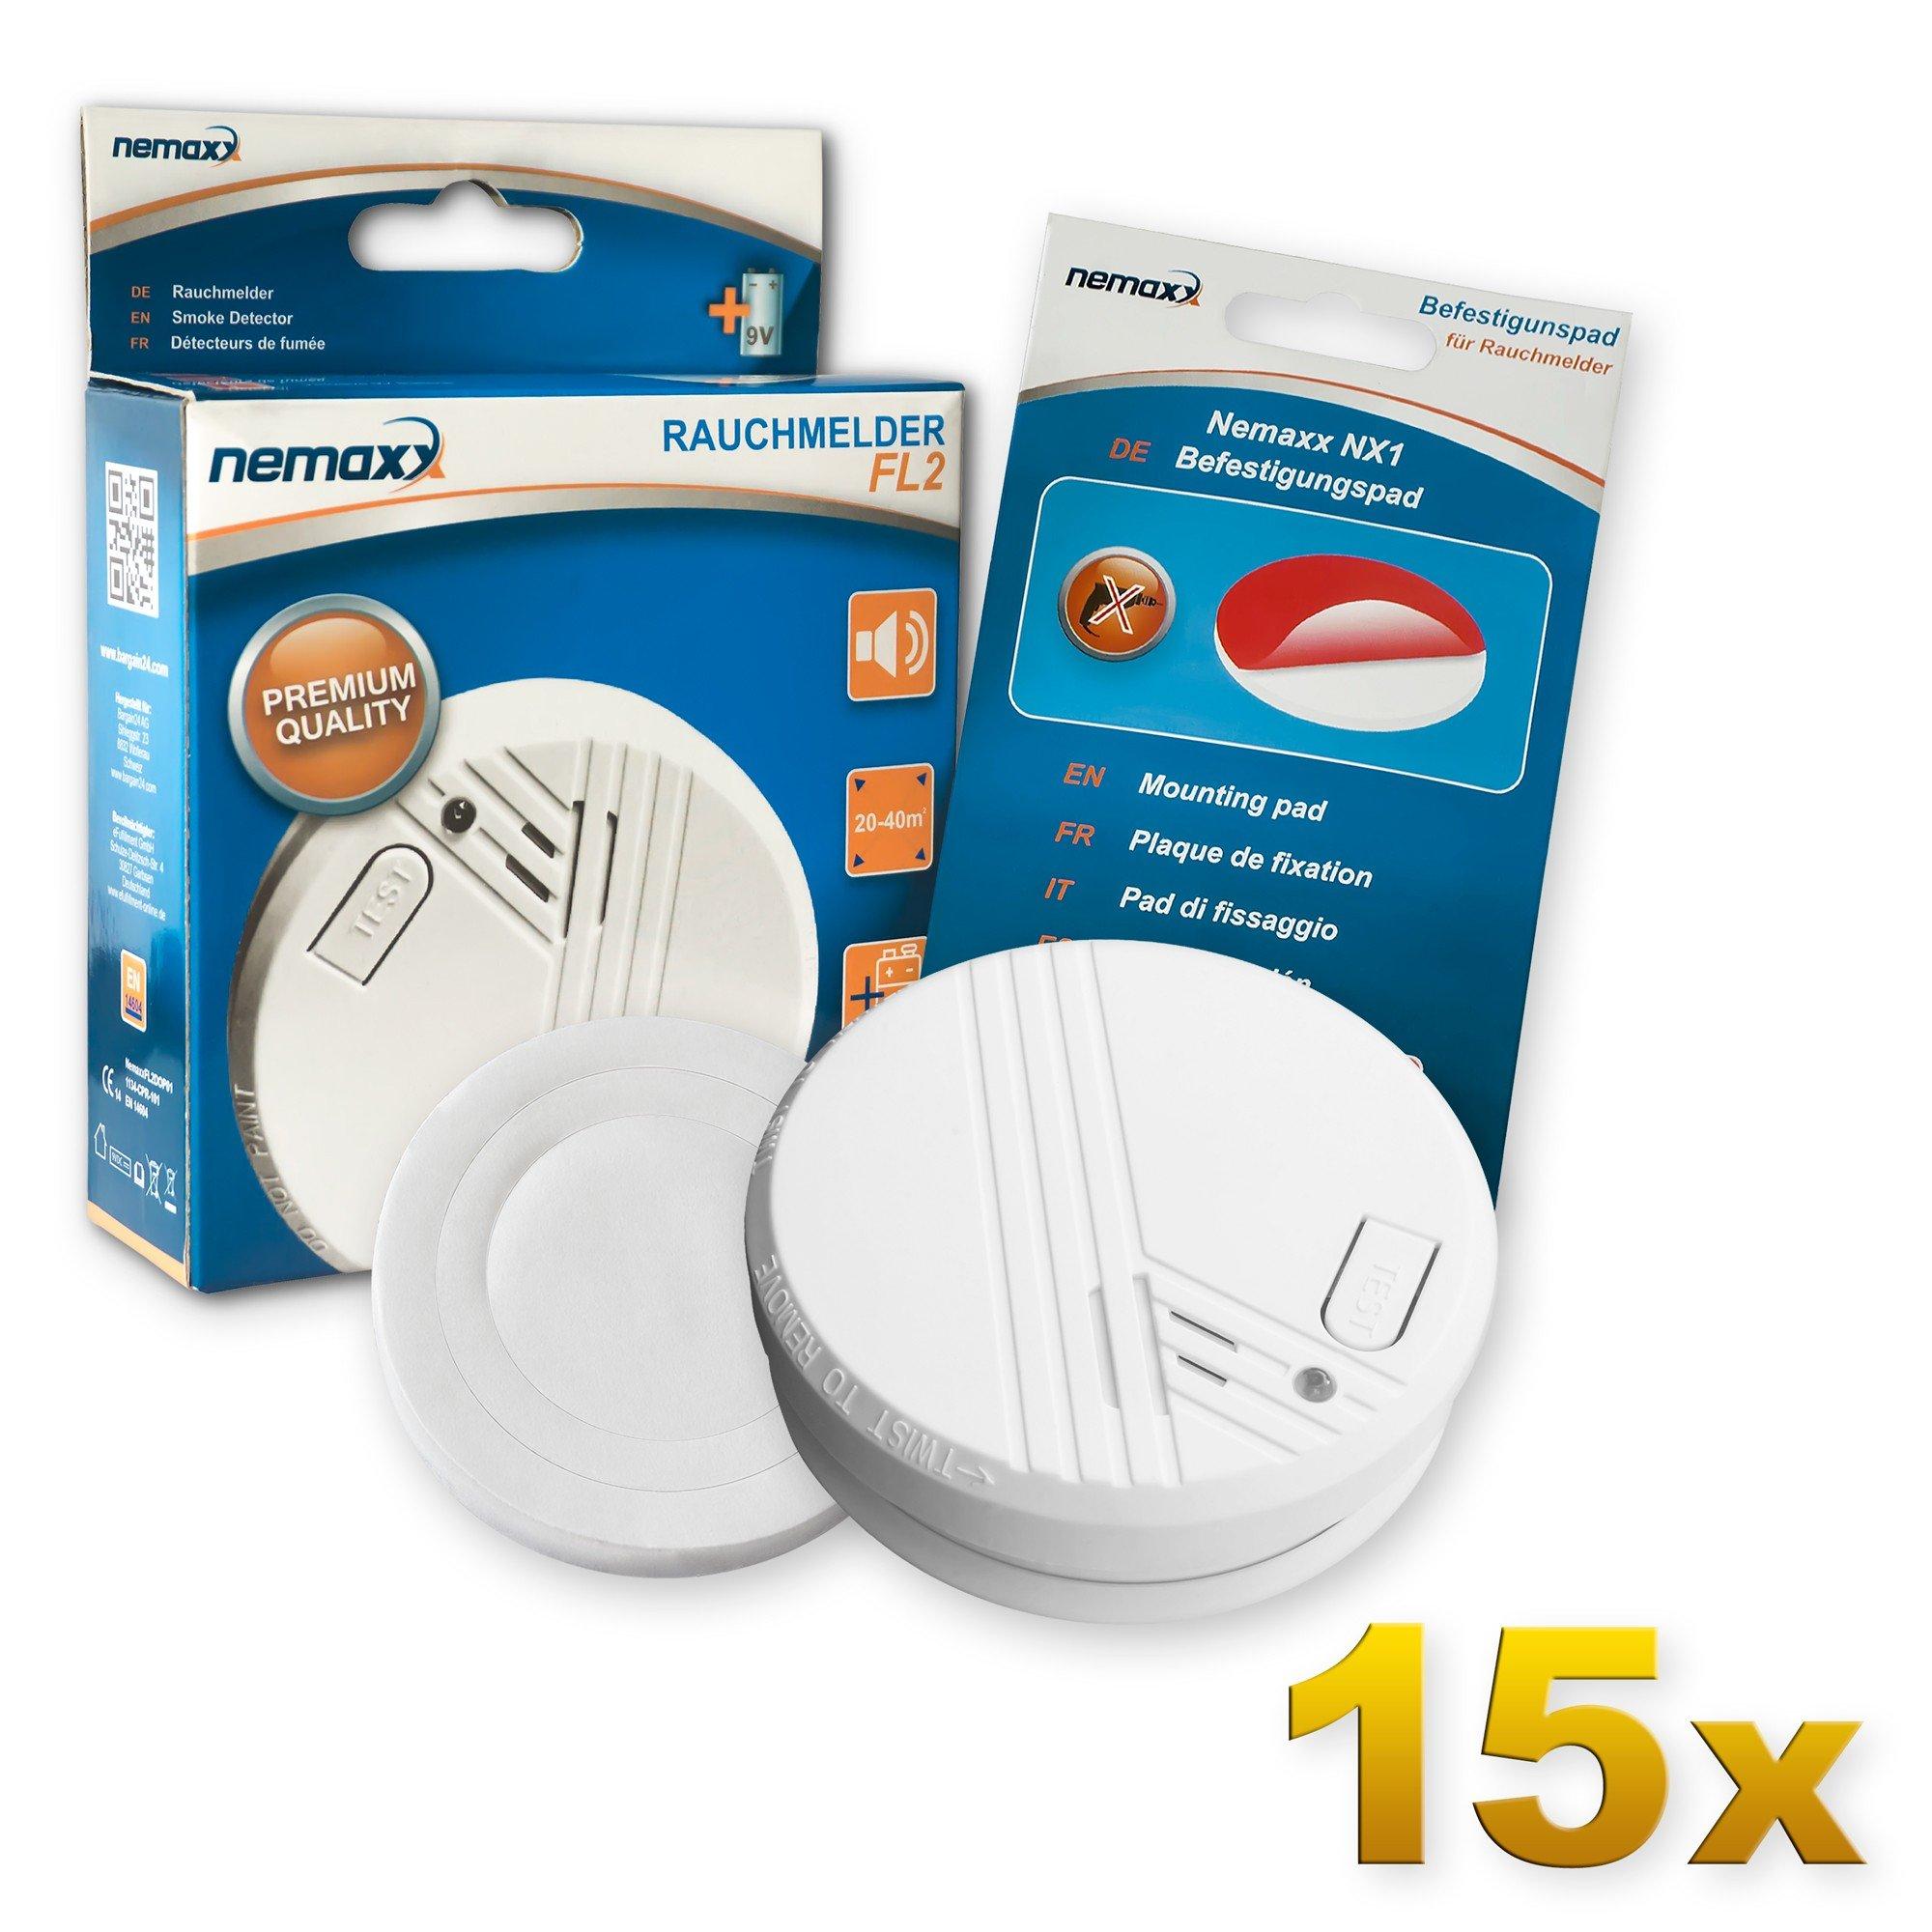 15x Nemaxx FL2 Rauchmelder - hochwertiger Rauchwarnmelder Nach EN 14604 mit sensibler fotoelektrischer Technologie + 15x